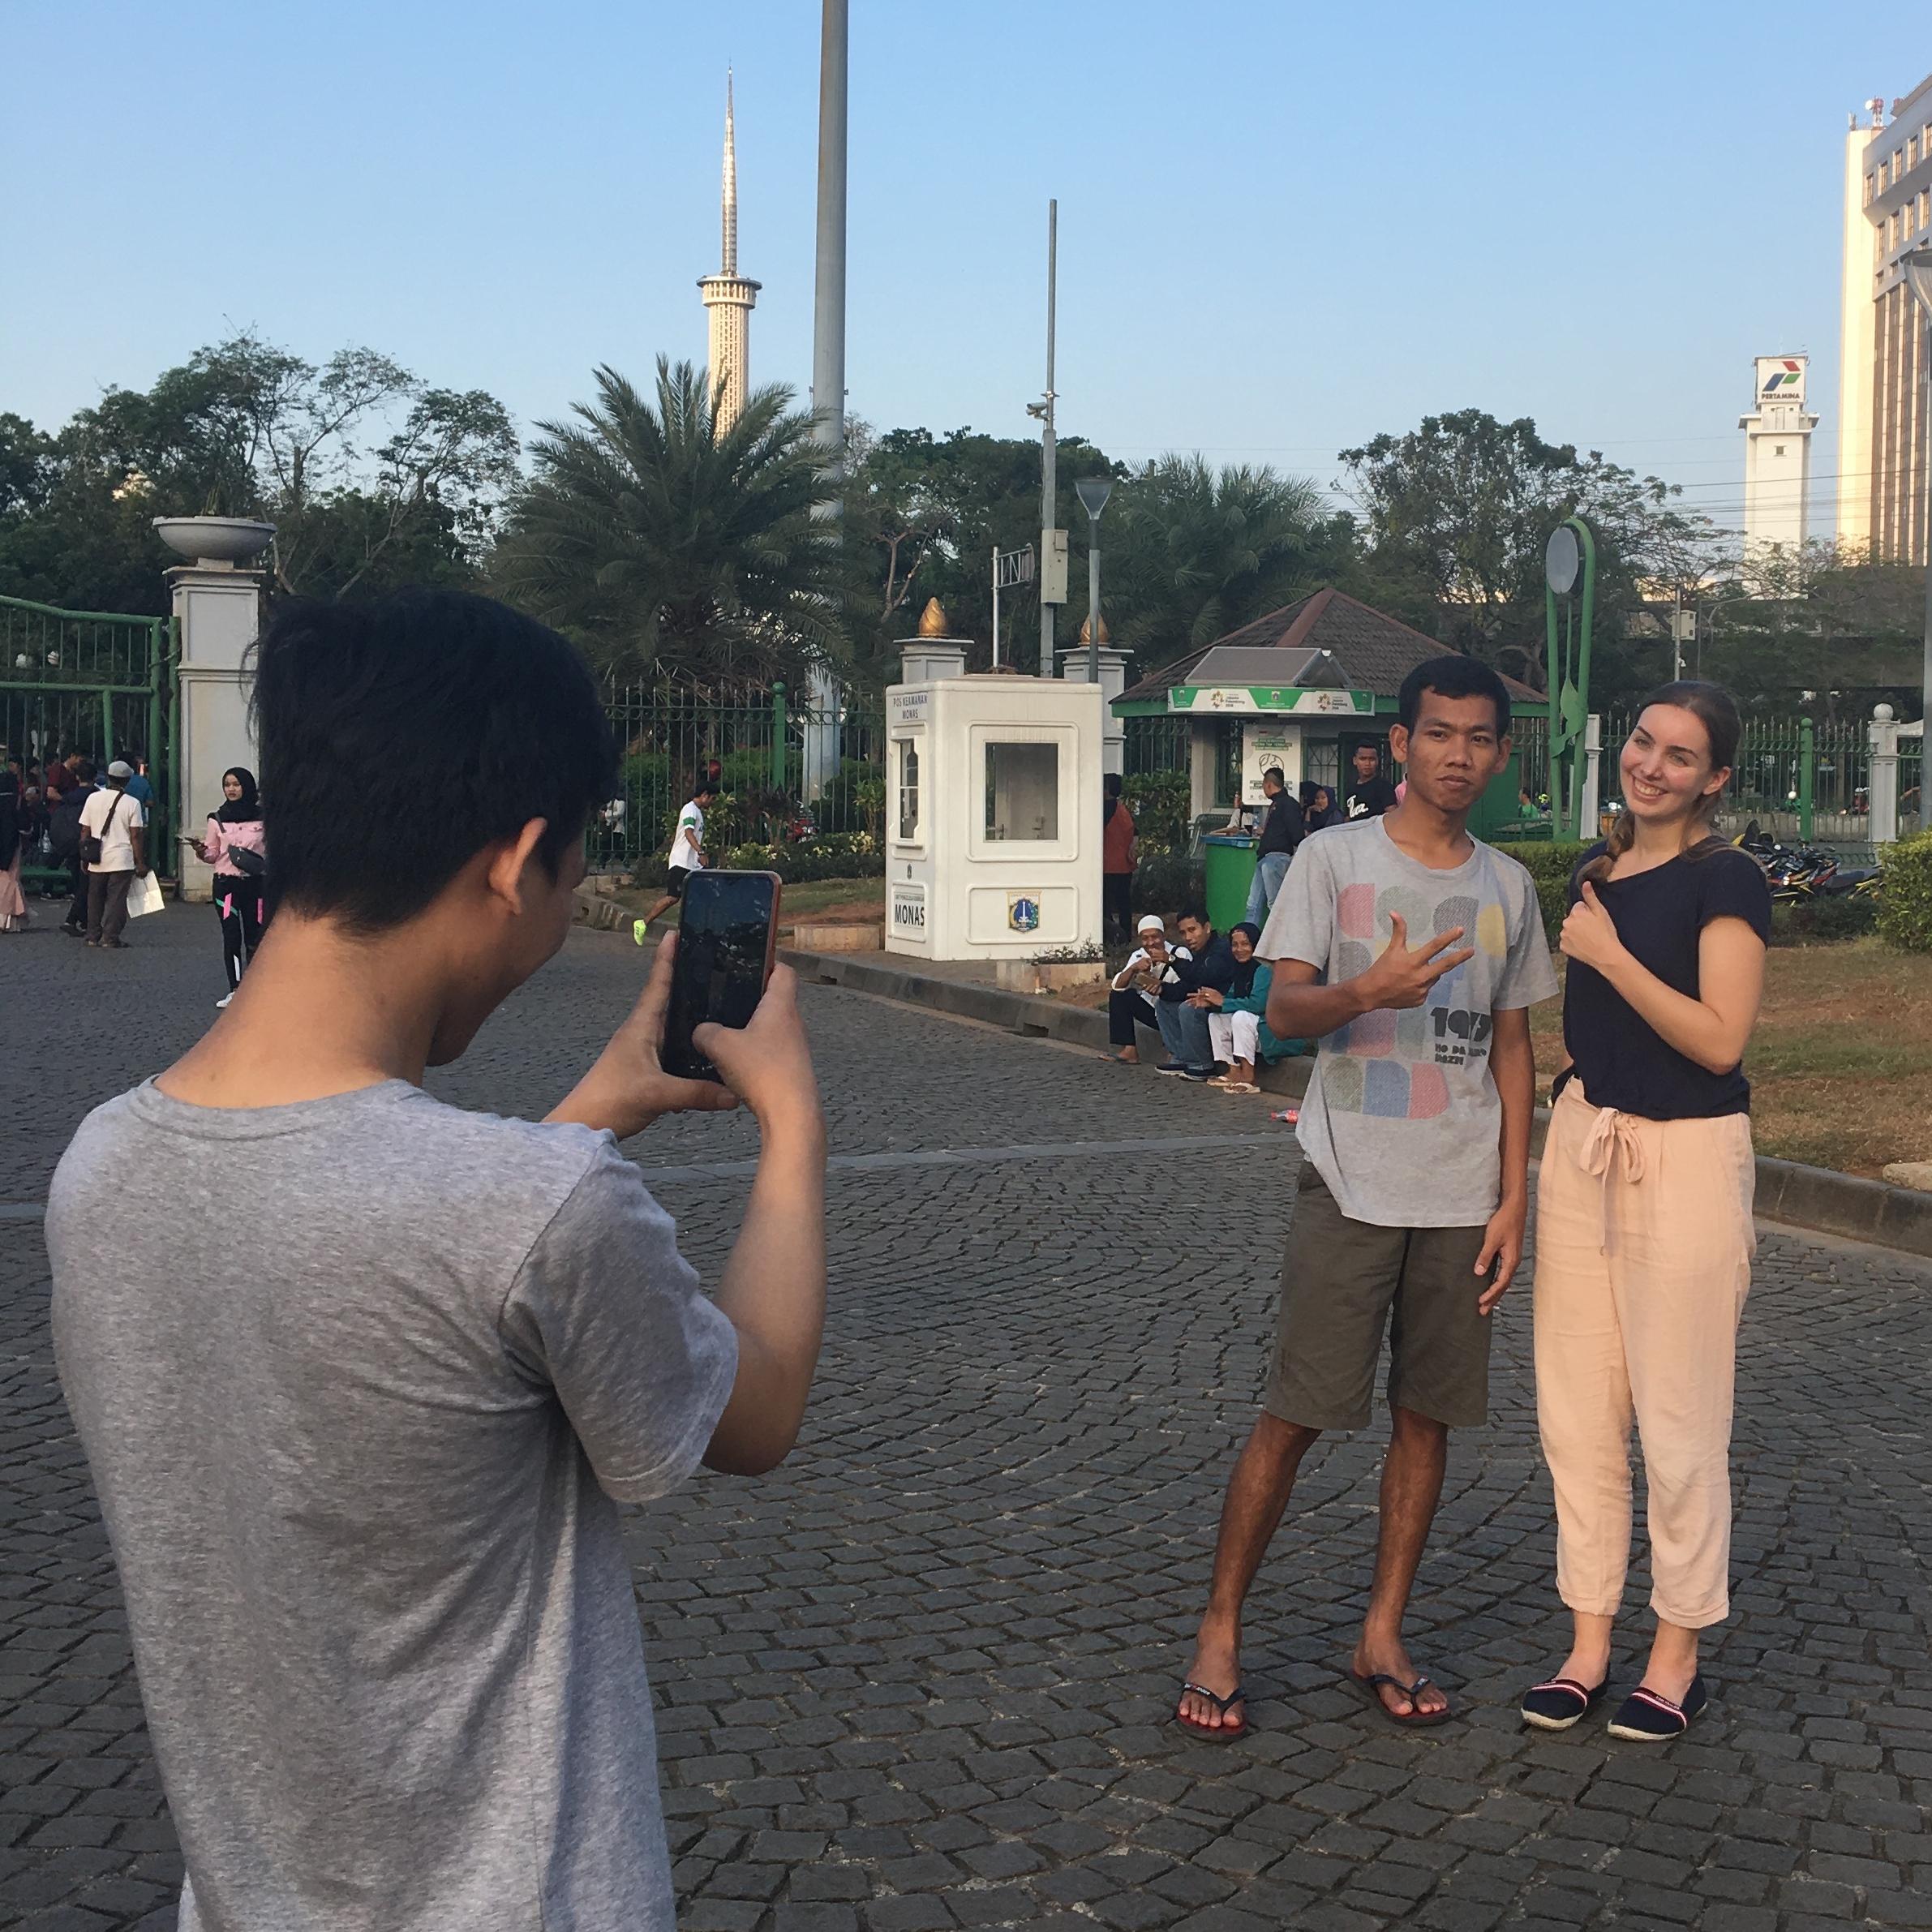 Plötzlich ein Star: Von Paparazzi verfolgt in Jakarta